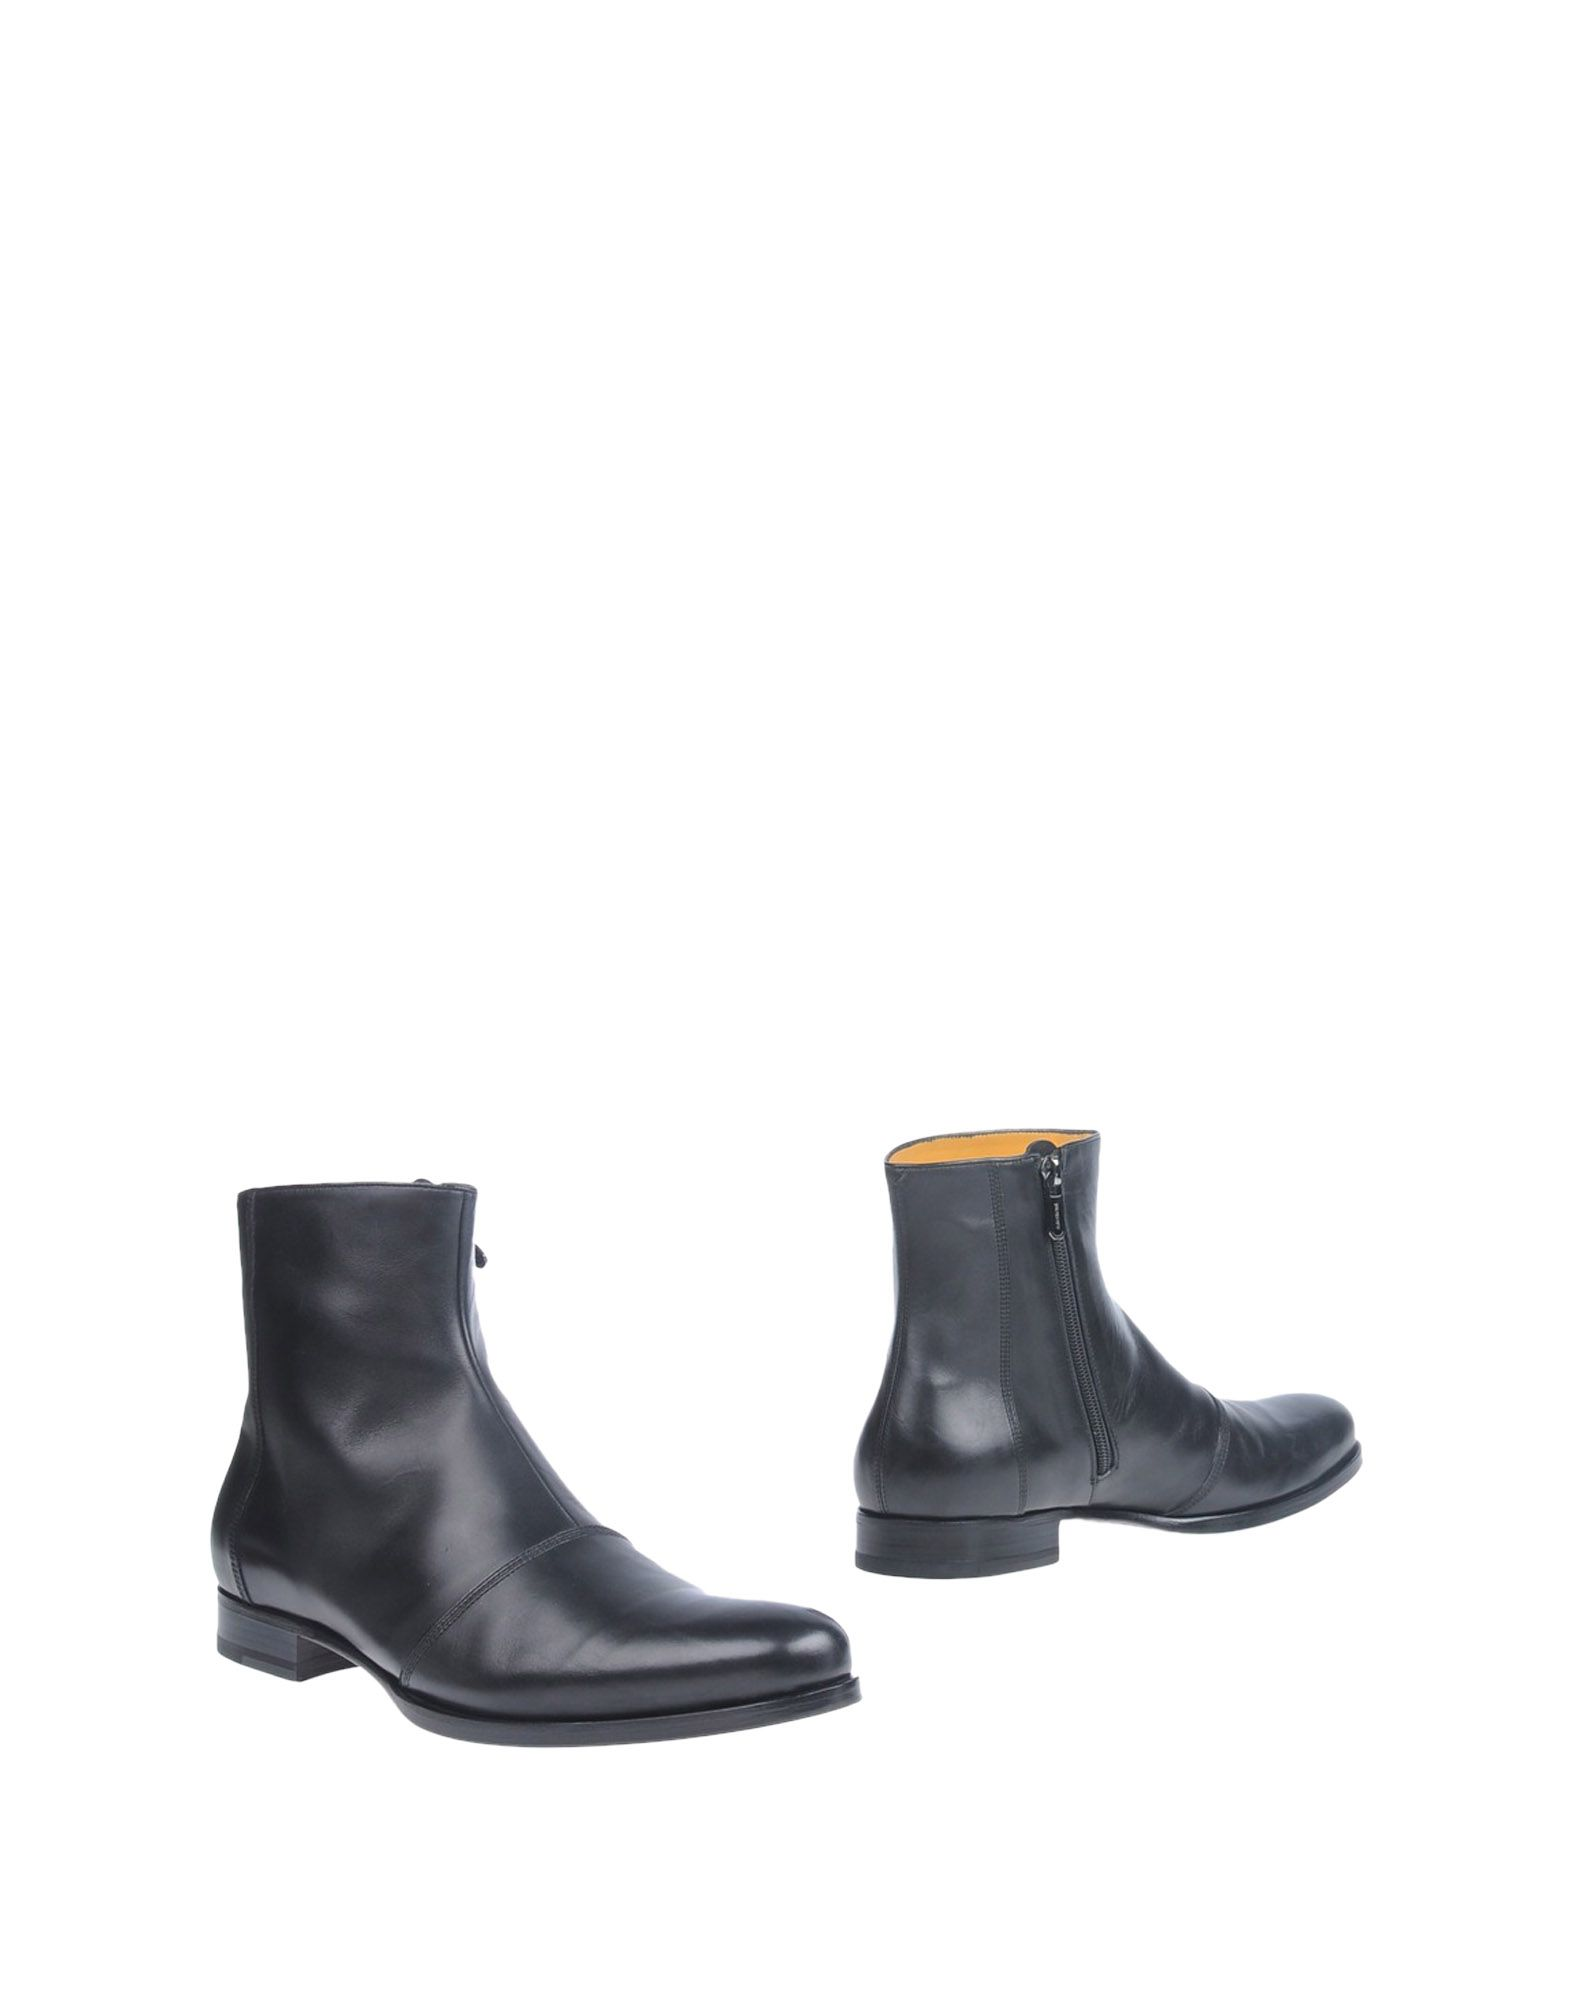 Bottine A.Testoni Homme - Bottines A.Testoni  Noir Nouvelles chaussures pour hommes et femmes, remise limitée dans le temps